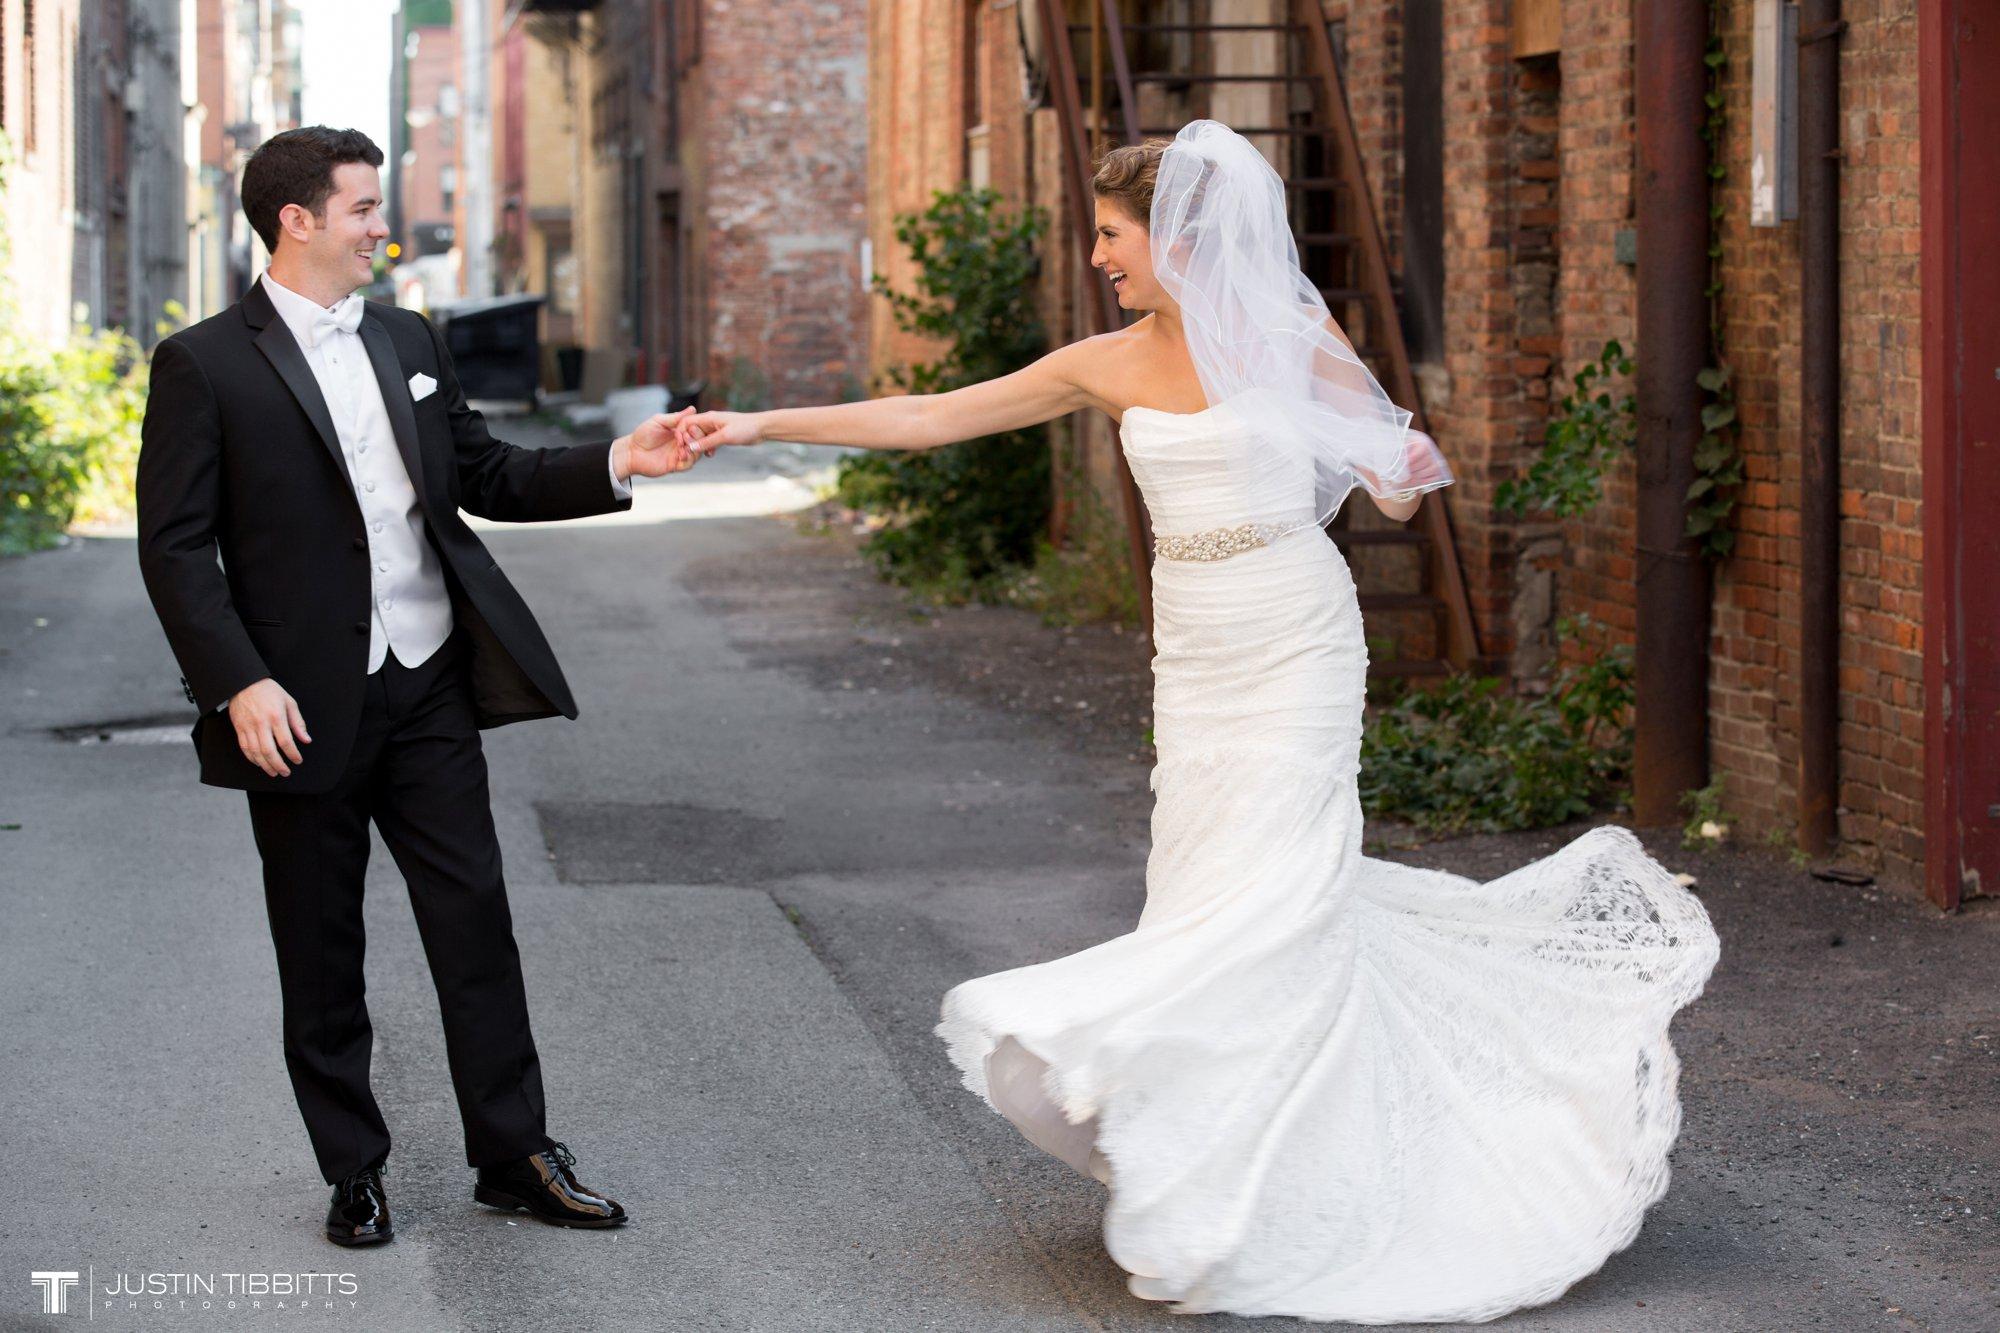 Albany NY Wedding Photographer Justin Tibbitts Photography 2014 Best of Albany NY Weddings-2568386